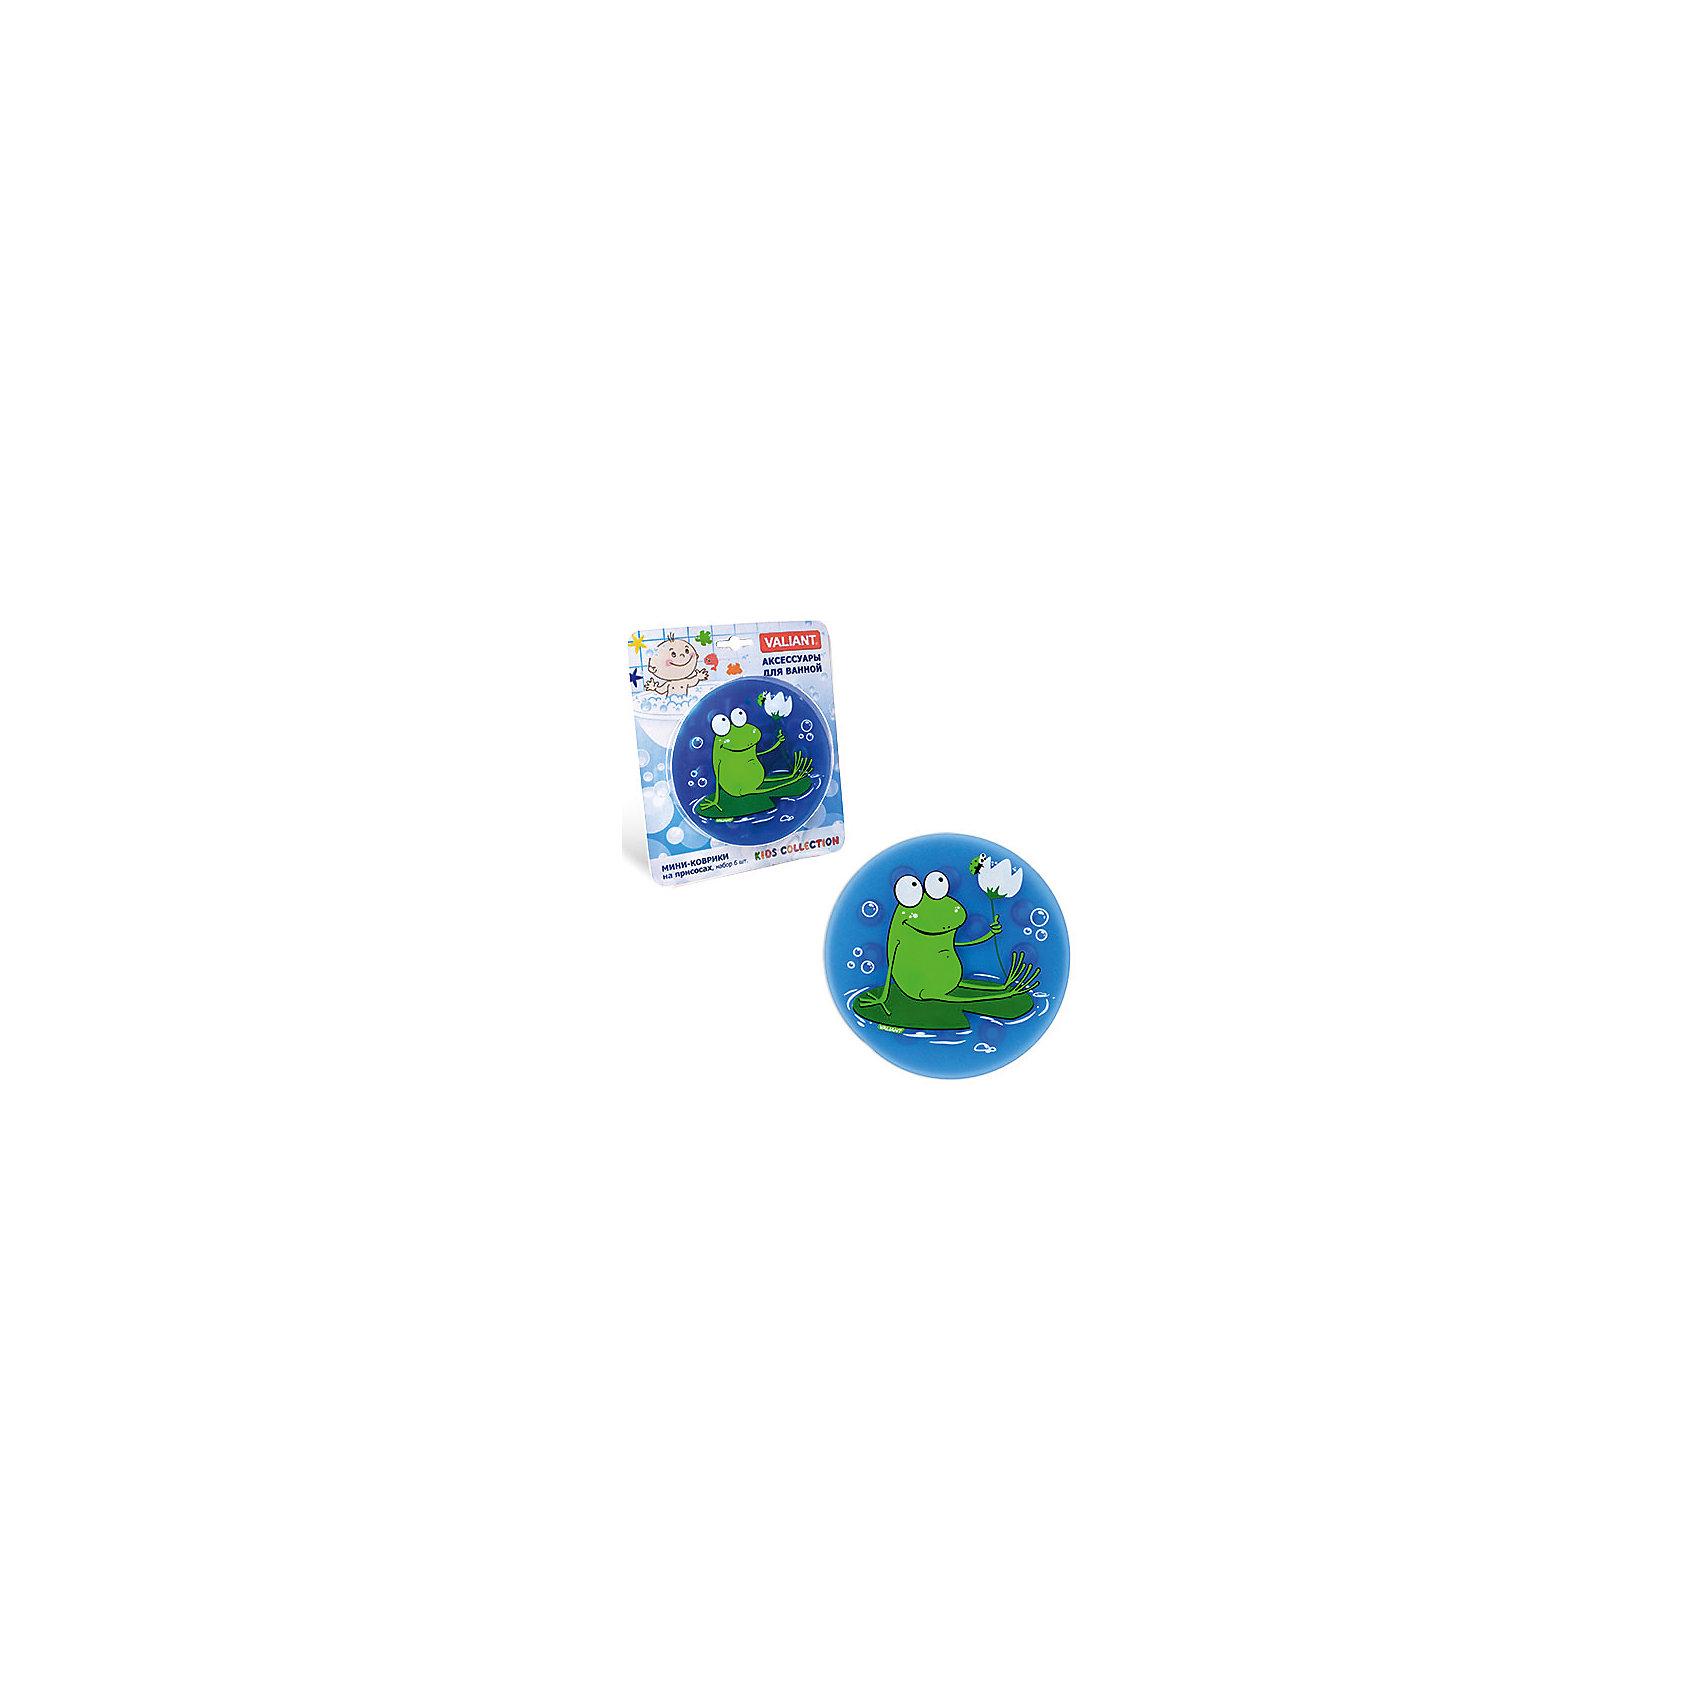 Набор ковриков Квакуша на присосках (6 шт)Ванная комната<br>Мини-коврики для ванной комнаты - это яркое дополнение к купанию малыша. Это и игра и развитие моторики и изучение зверушек. <br>Колоссальный и постоянно растущий спрос на них обусловлен реакцией малышей и их мам на данное изобретение по всему миру.<br>Мини-коврики снабжены присосками и превосходно клеятся на влажный кафель.<br><br>Ширина мм: 170<br>Глубина мм: 35<br>Высота мм: 200<br>Вес г: 217<br>Возраст от месяцев: -2147483648<br>Возраст до месяцев: 2147483647<br>Пол: Унисекс<br>Возраст: Детский<br>SKU: 4563341